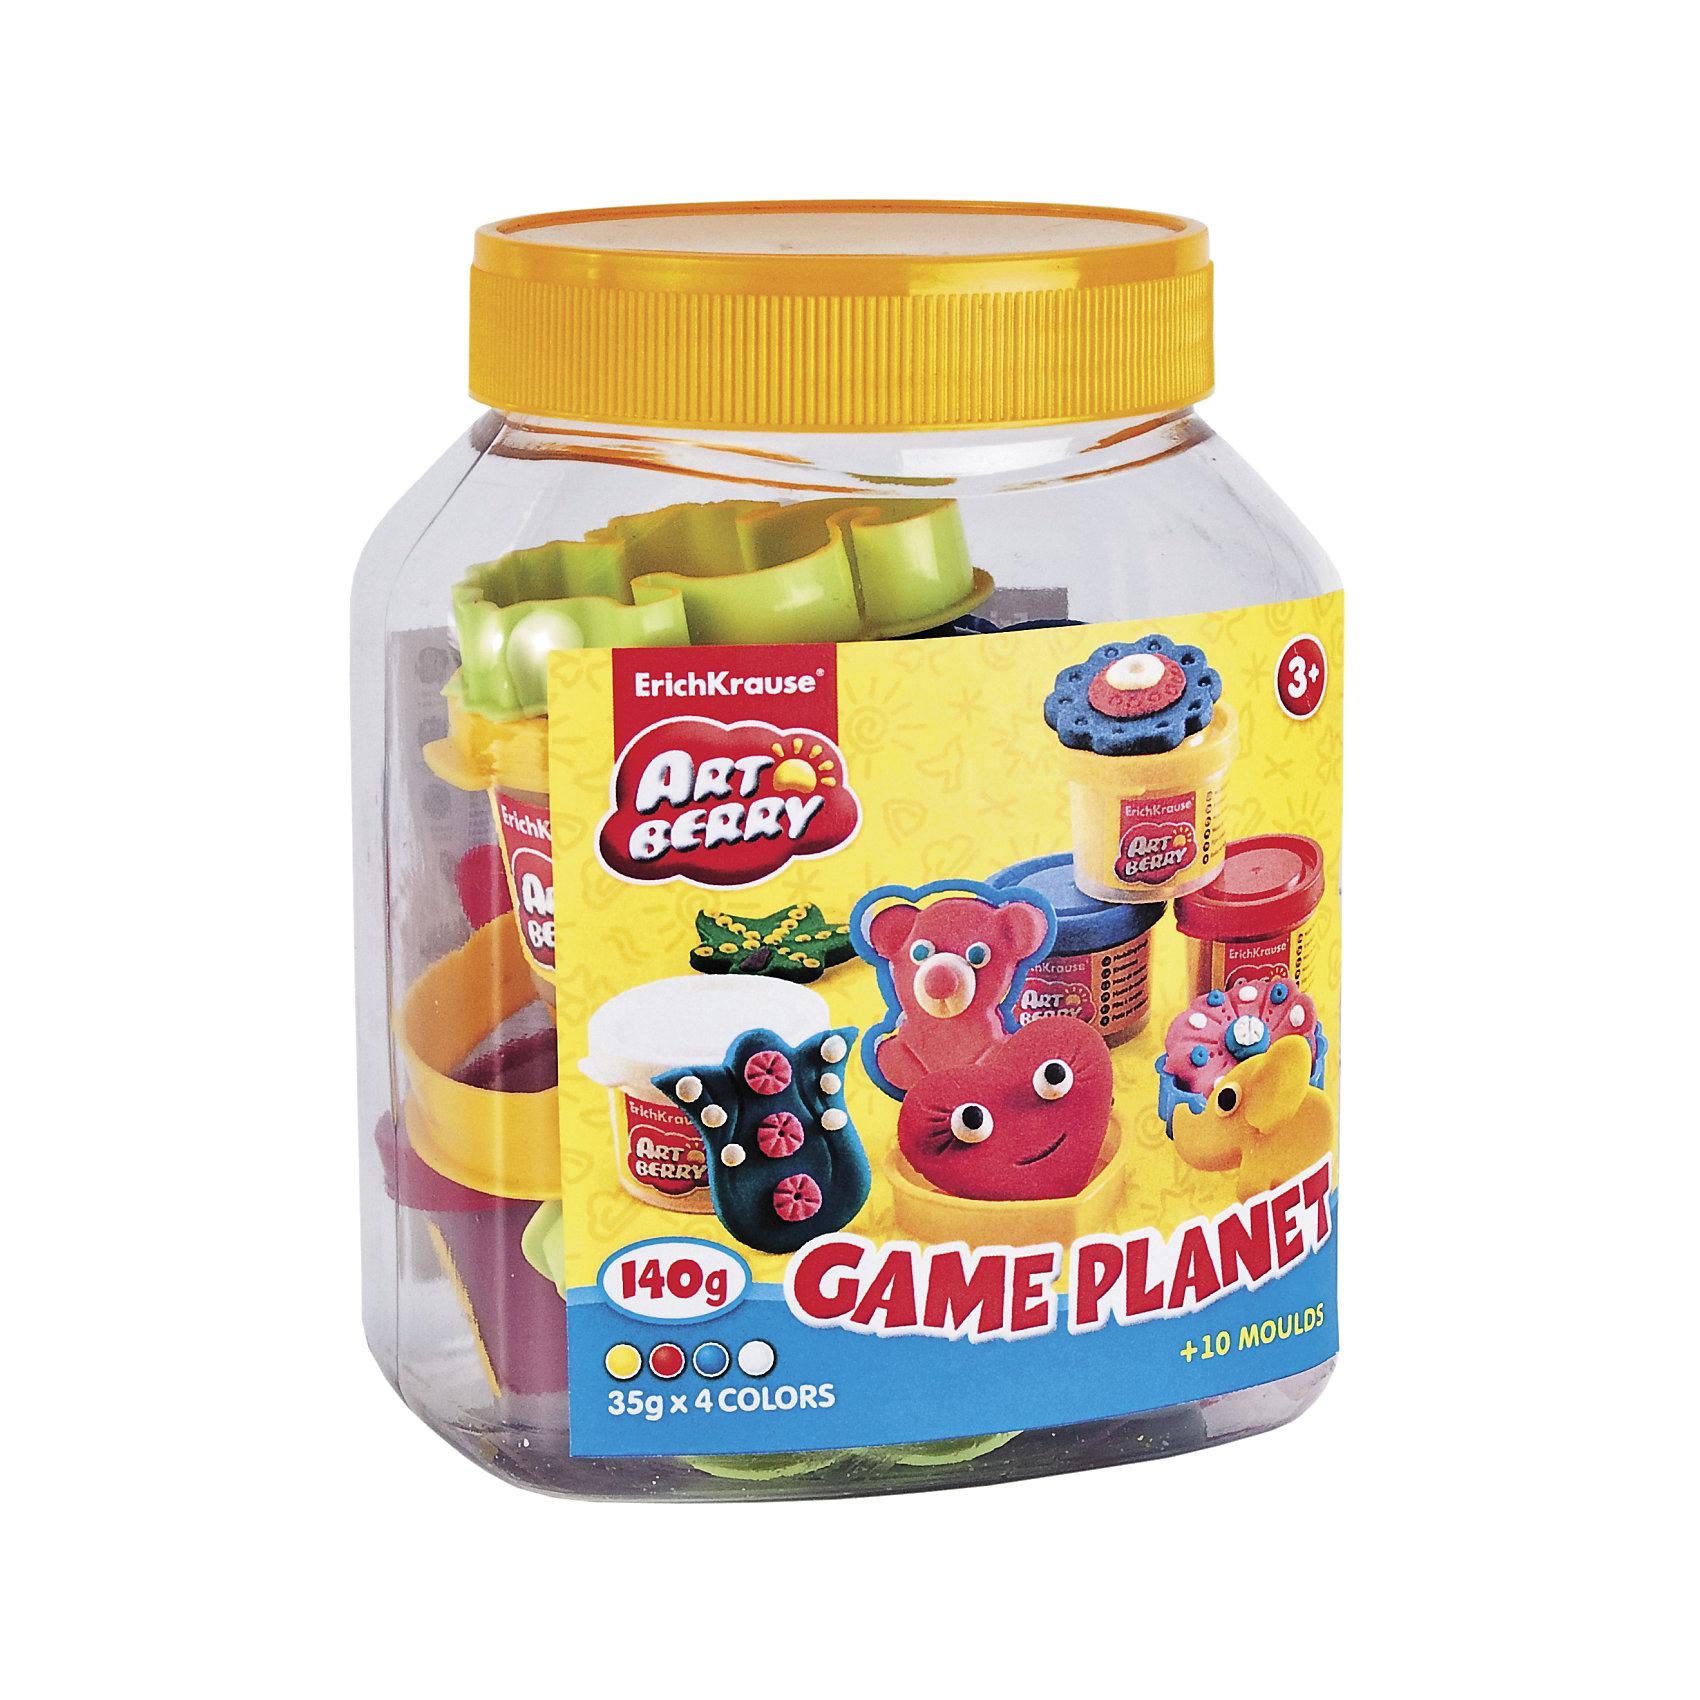 Набор для лепки: Пластилин на растительной основе Game Planet 4 цвета по 35гСостав: 4 цвета пластилина по 35 г + 8 формочек, ролик для пластилина, стек Упаковка: пластиковая банка в термоплёнке<br><br>Ширина мм: 110<br>Глубина мм: 140<br>Высота мм: 95<br>Вес г: 290<br>Возраст от месяцев: 60<br>Возраст до месяцев: 216<br>Пол: Унисекс<br>Возраст: Детский<br>SKU: 3293869